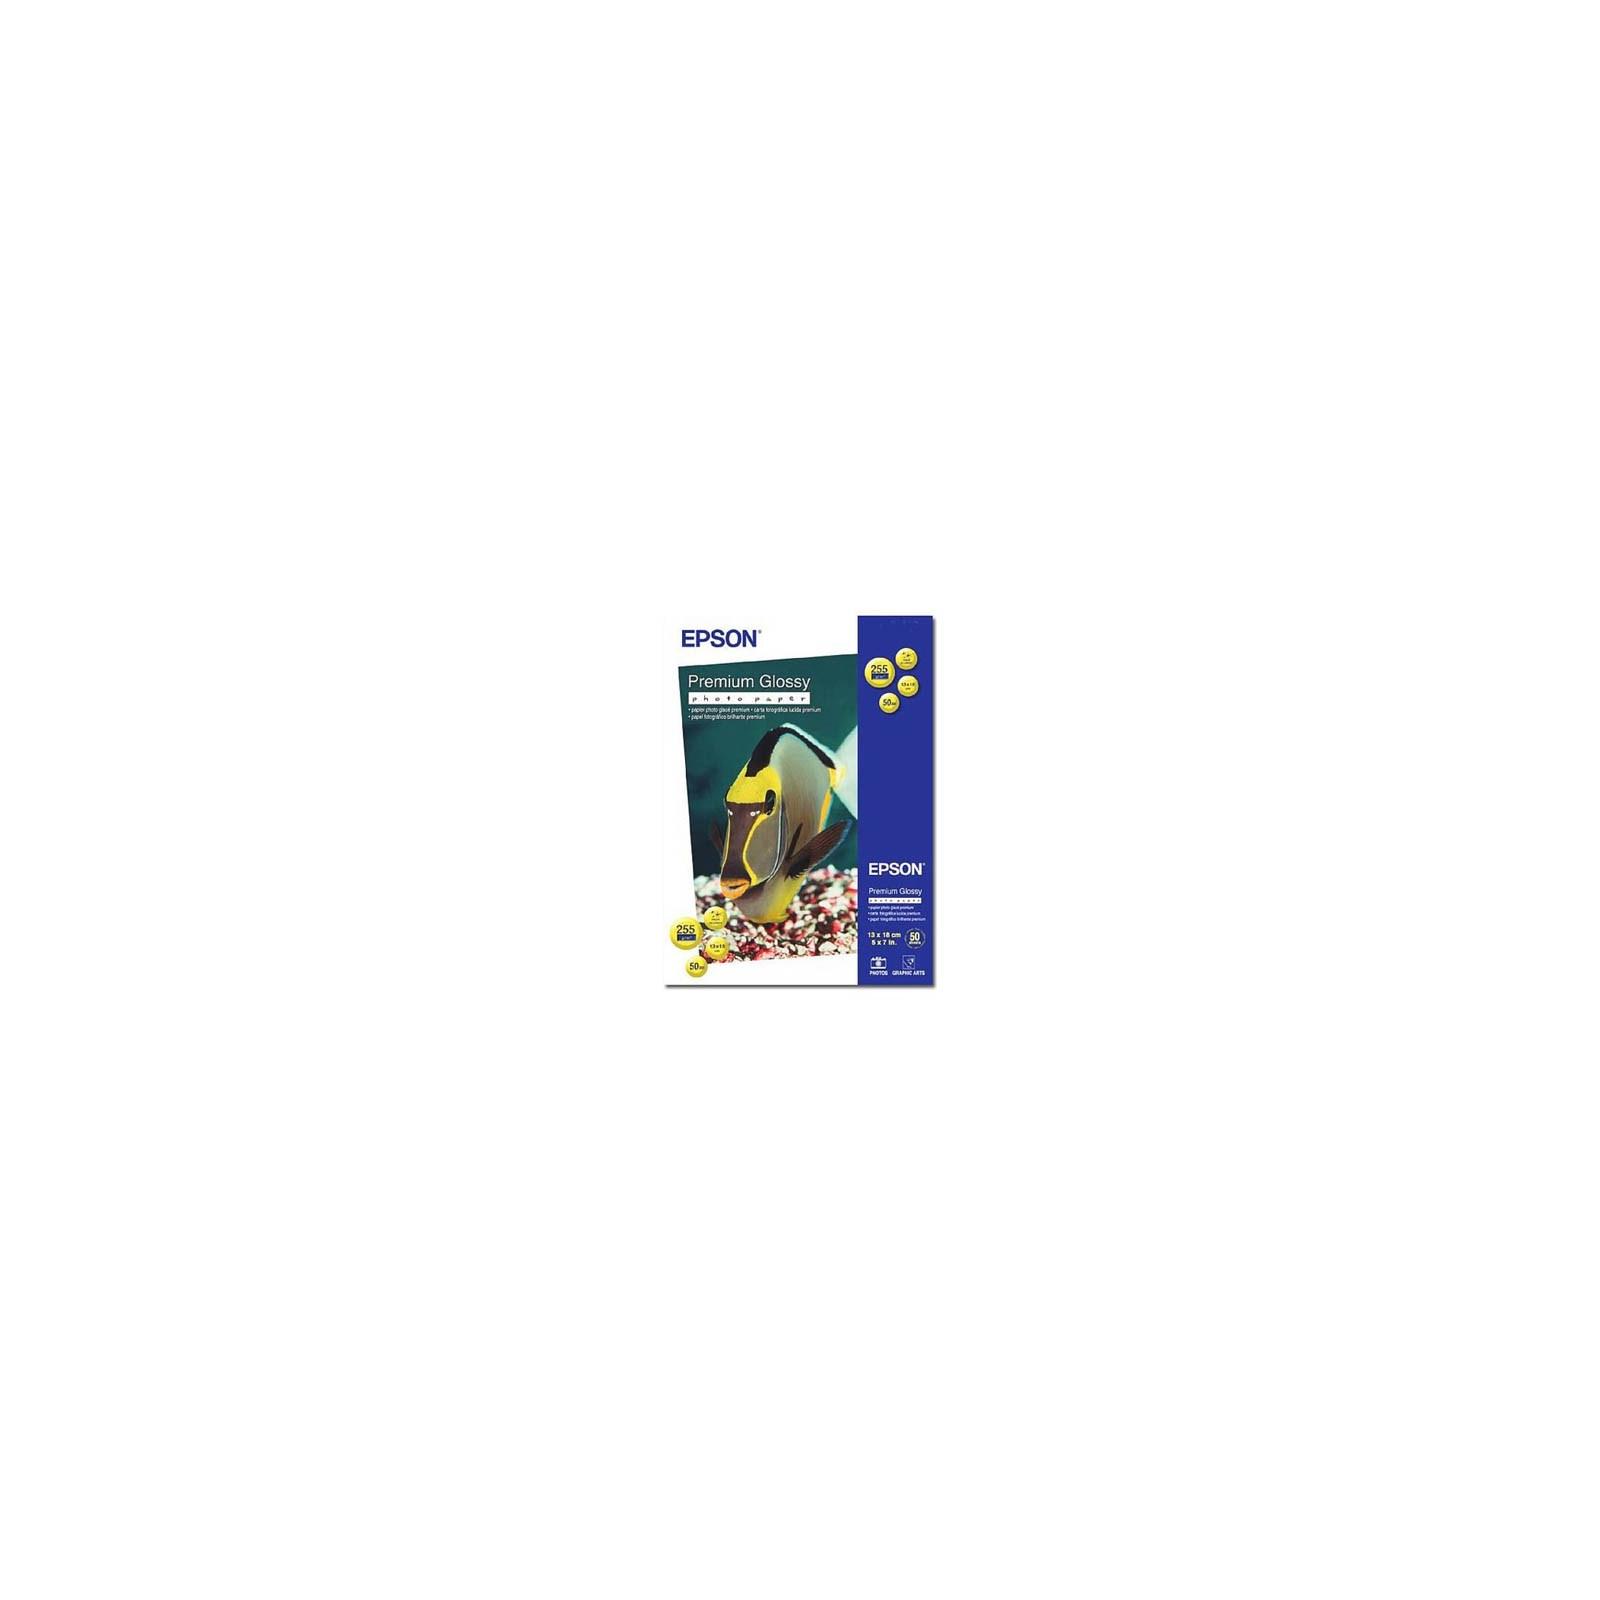 Бумага EPSON 13x18 Premium gloss Photo (C13S041875)